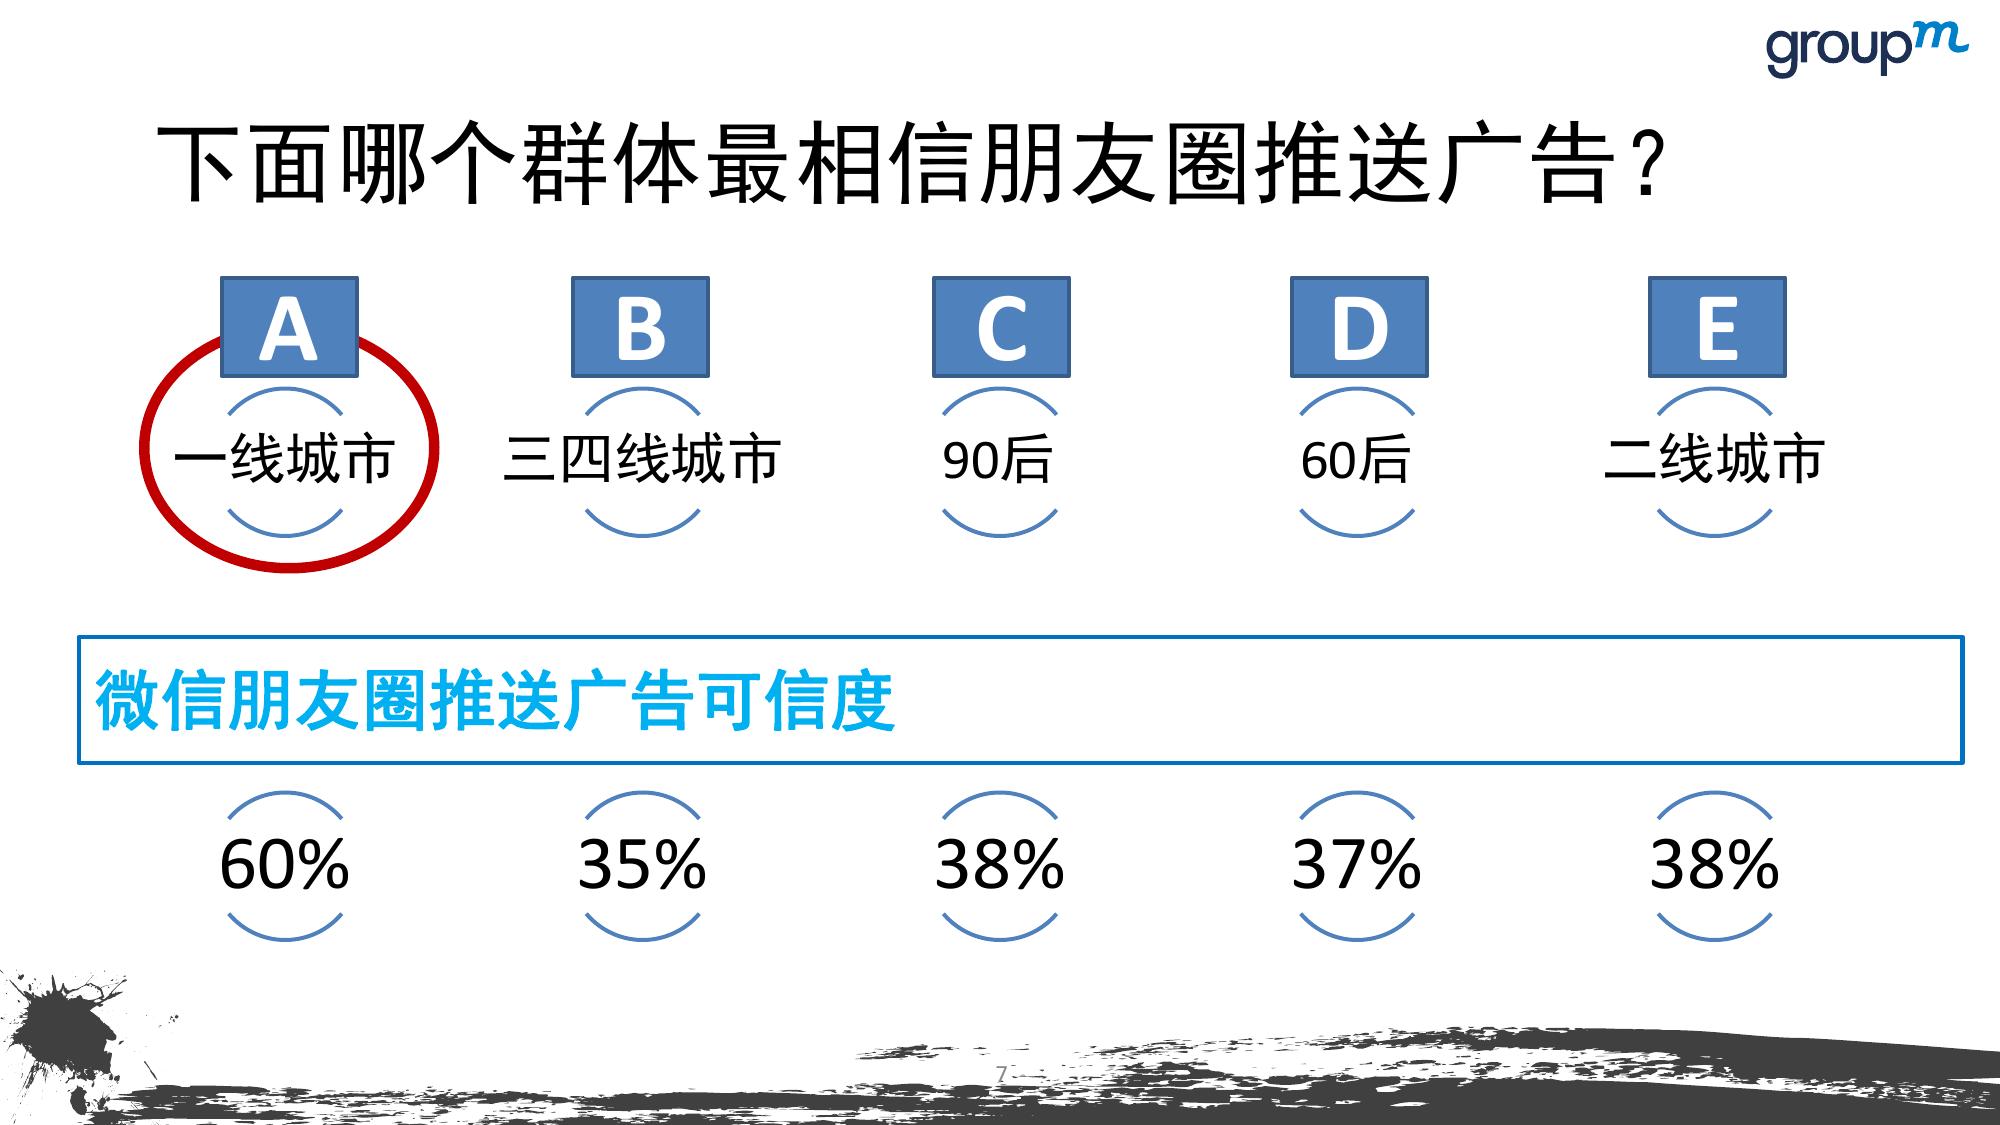 山海今2015中国媒介趋势报告_000007